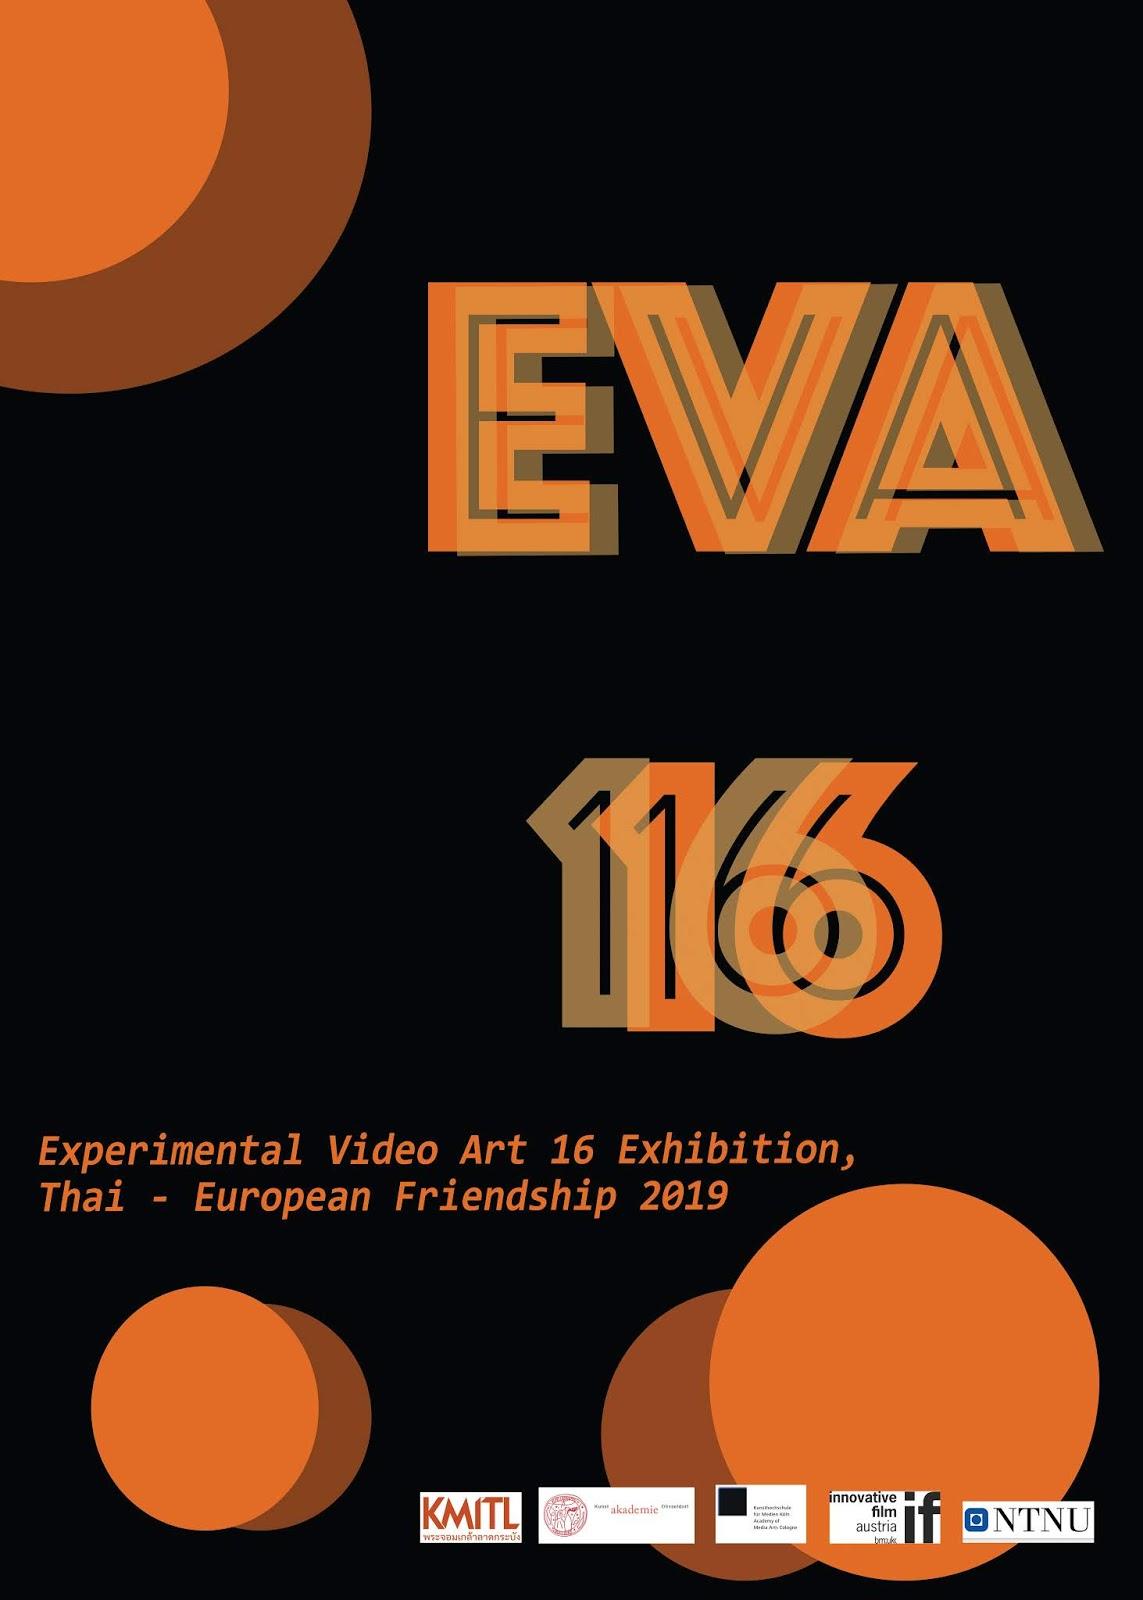 Anna Biella Movie experimental video art exhibition, thai-european friendship